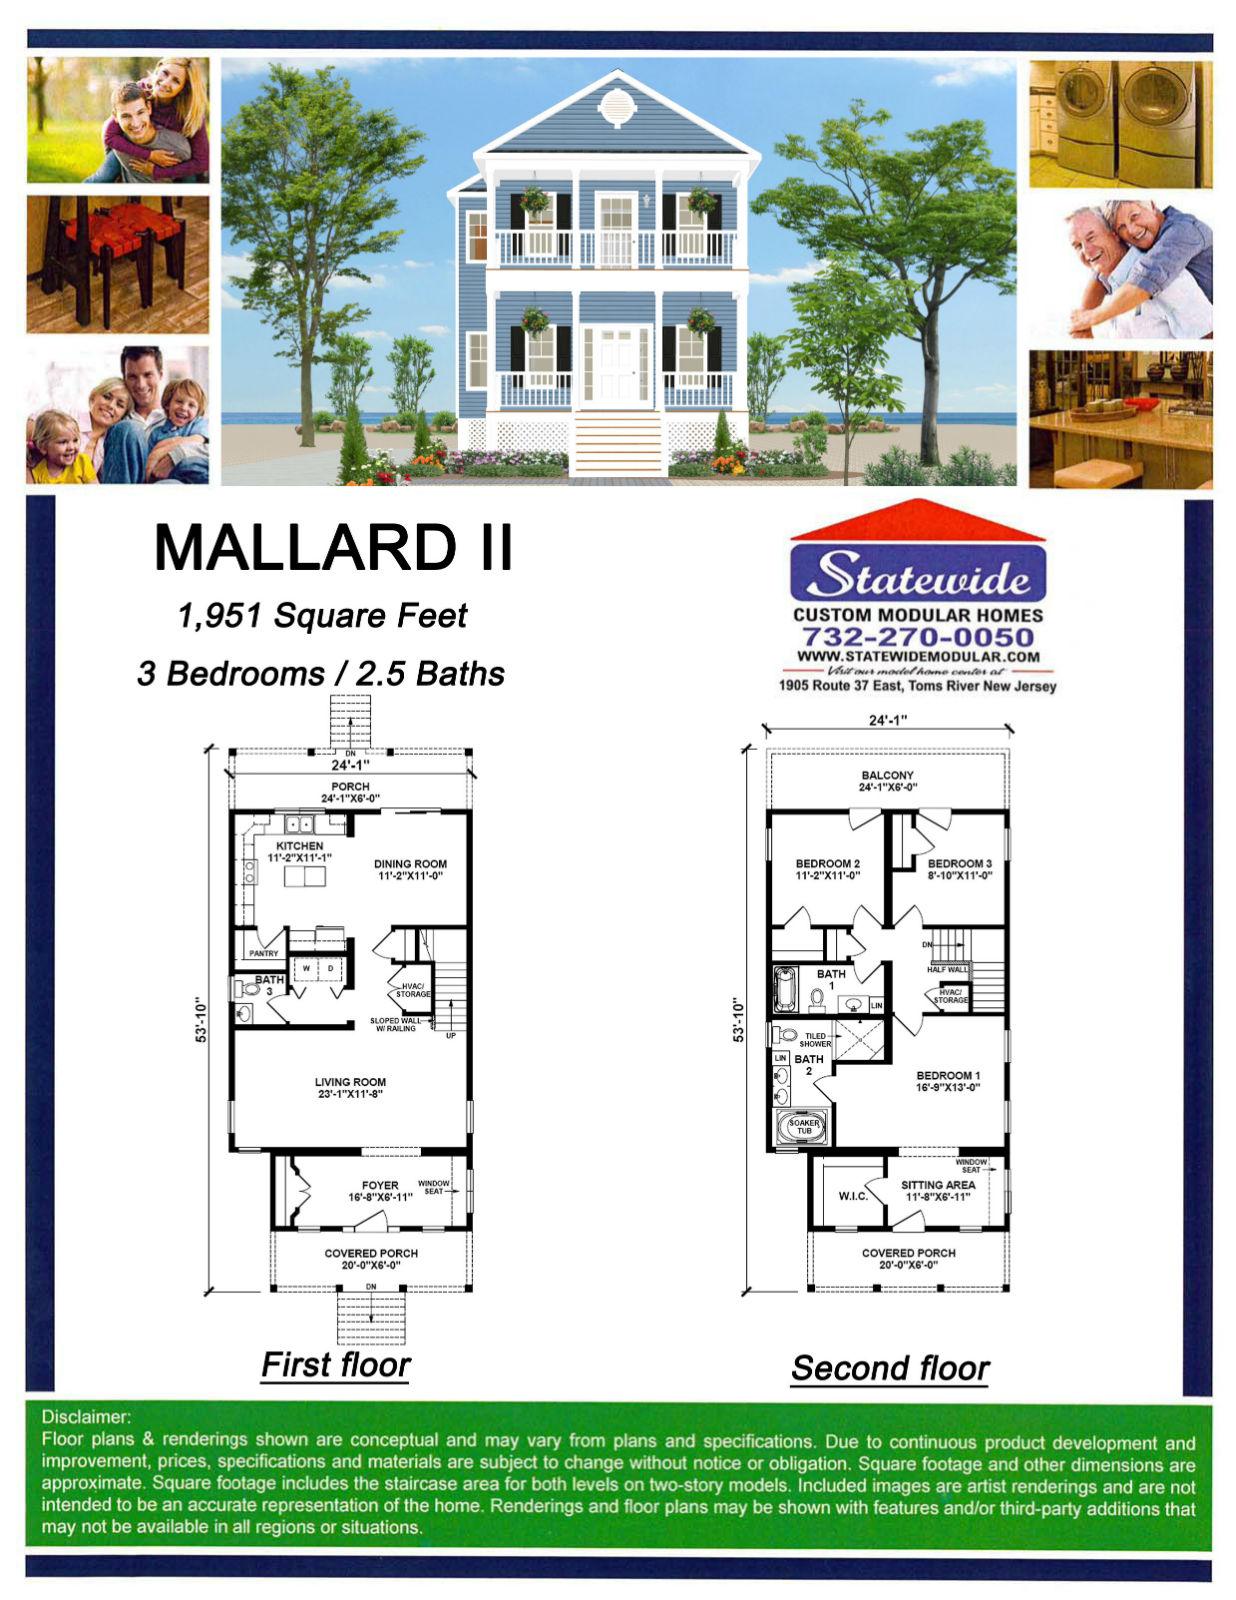 mallard-ii